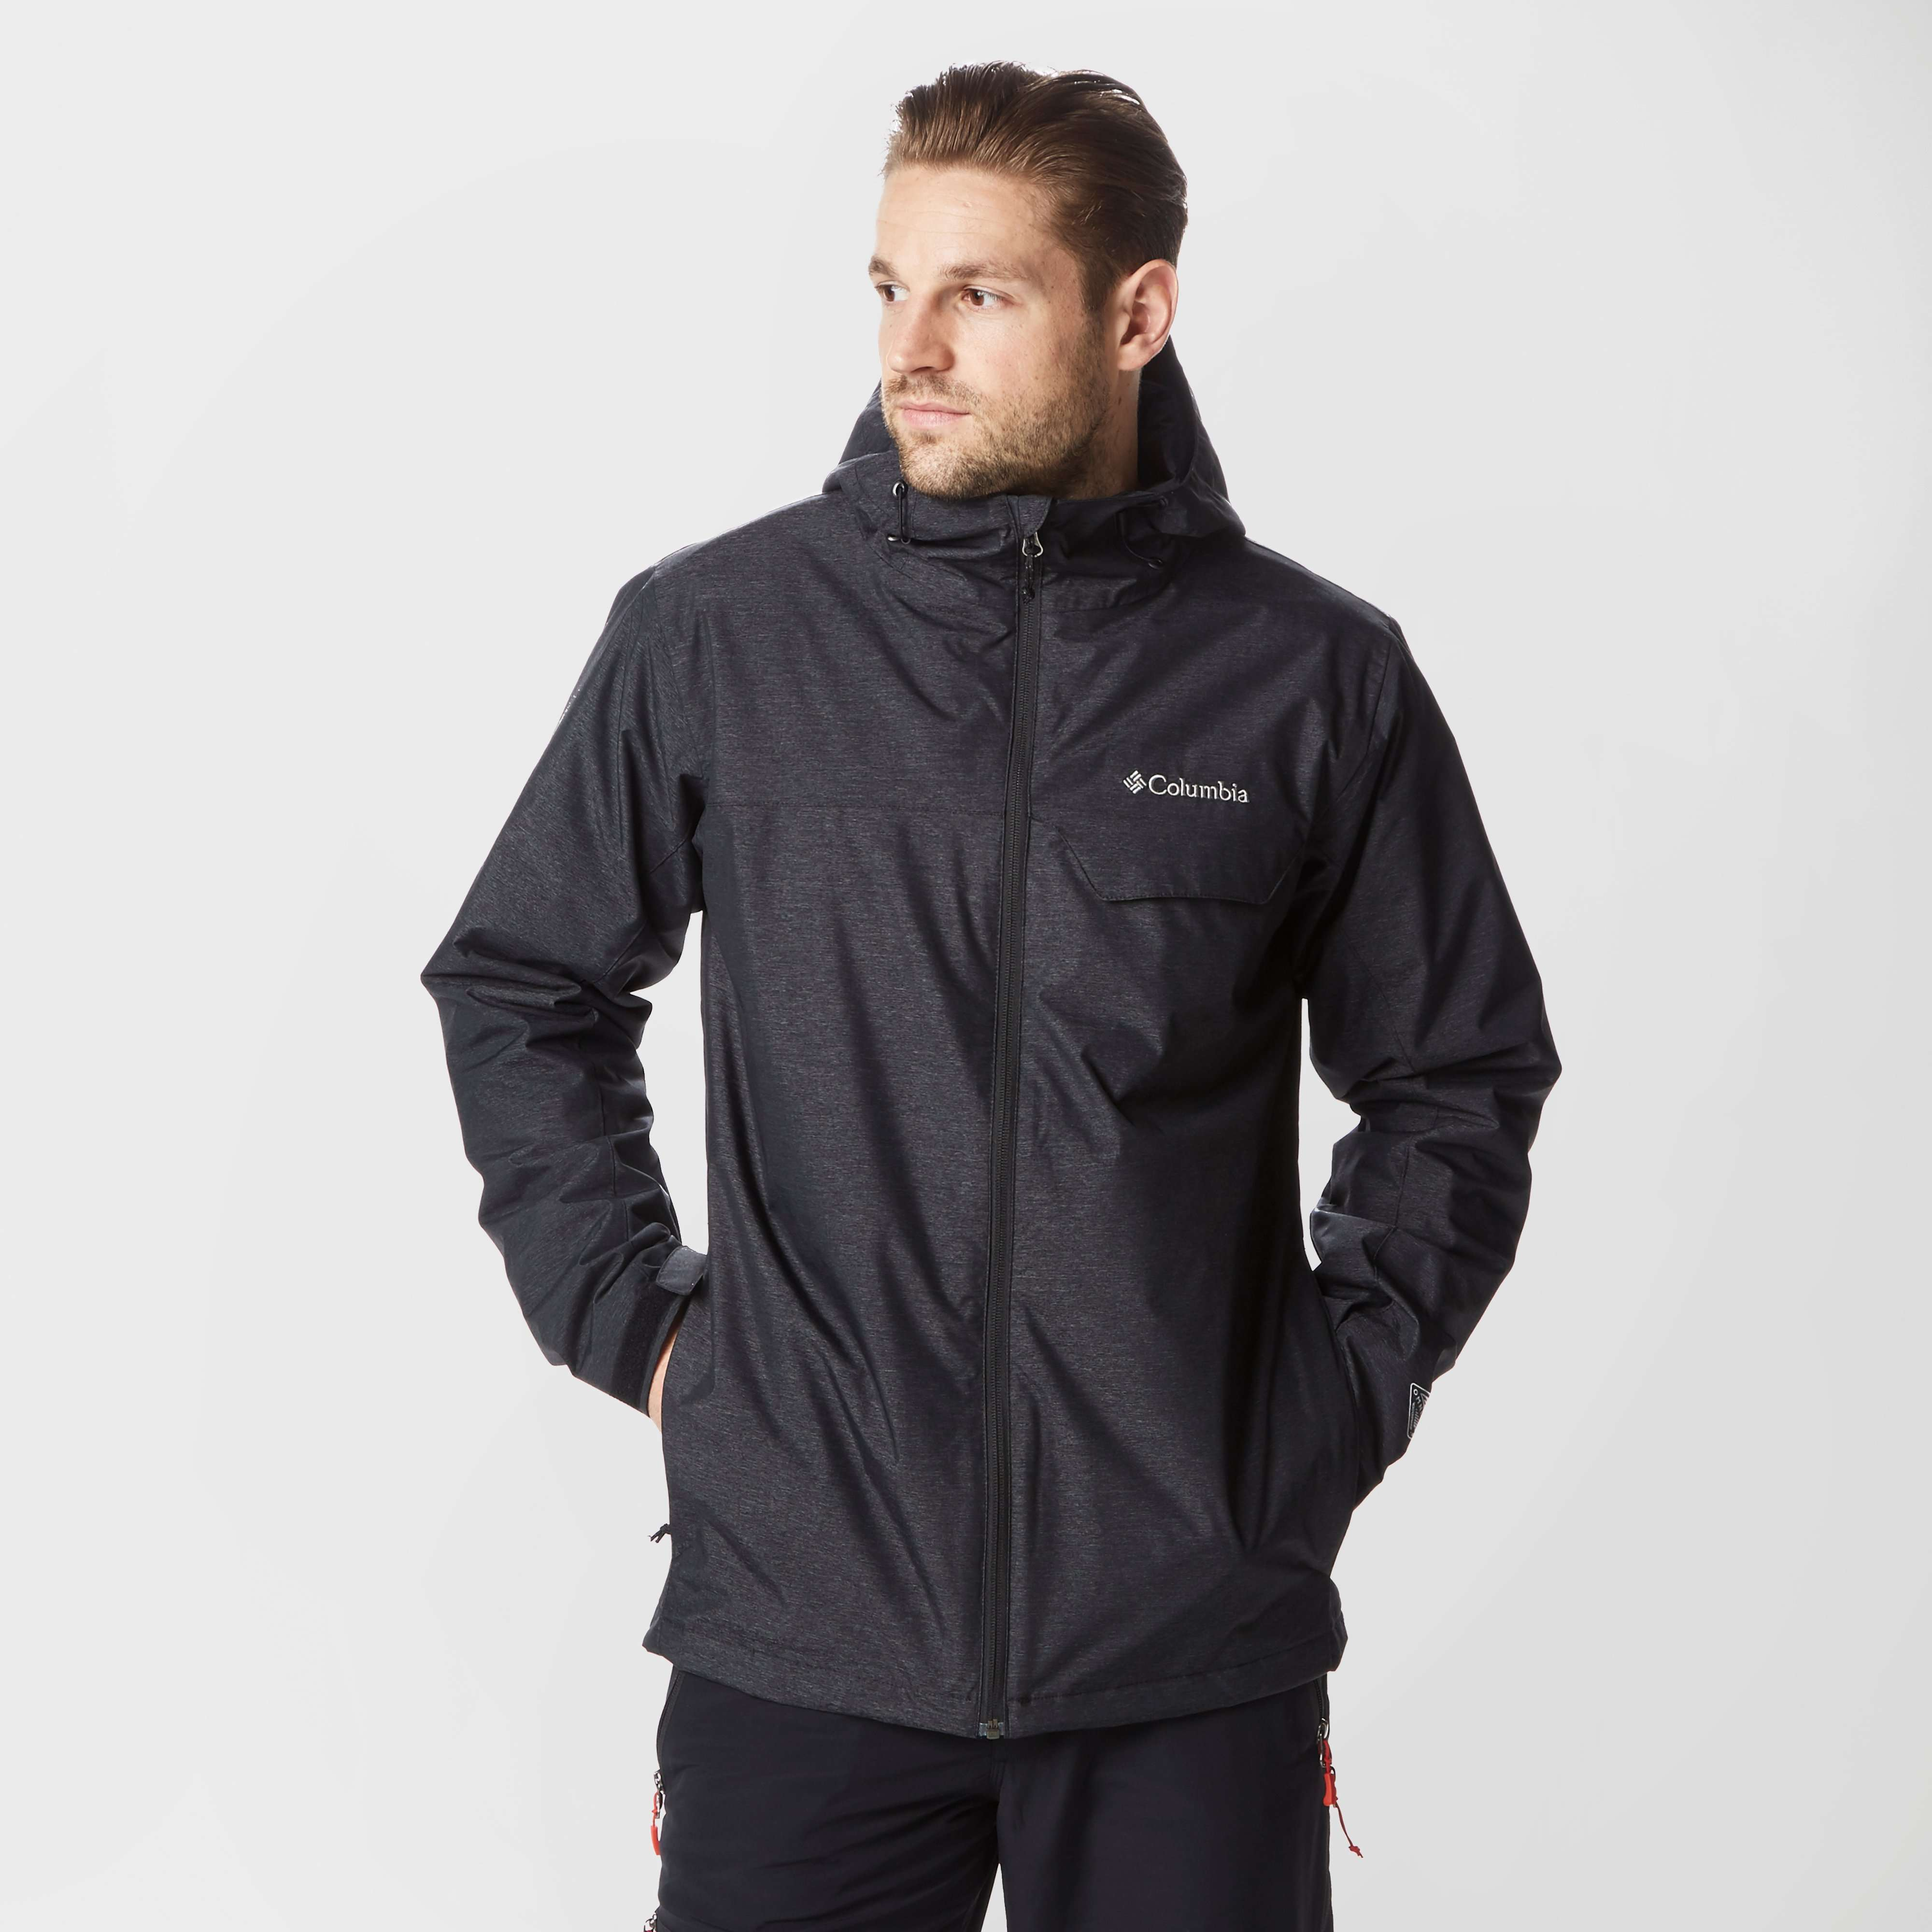 COLUMBIA Men's Huntsville Peak Jacket